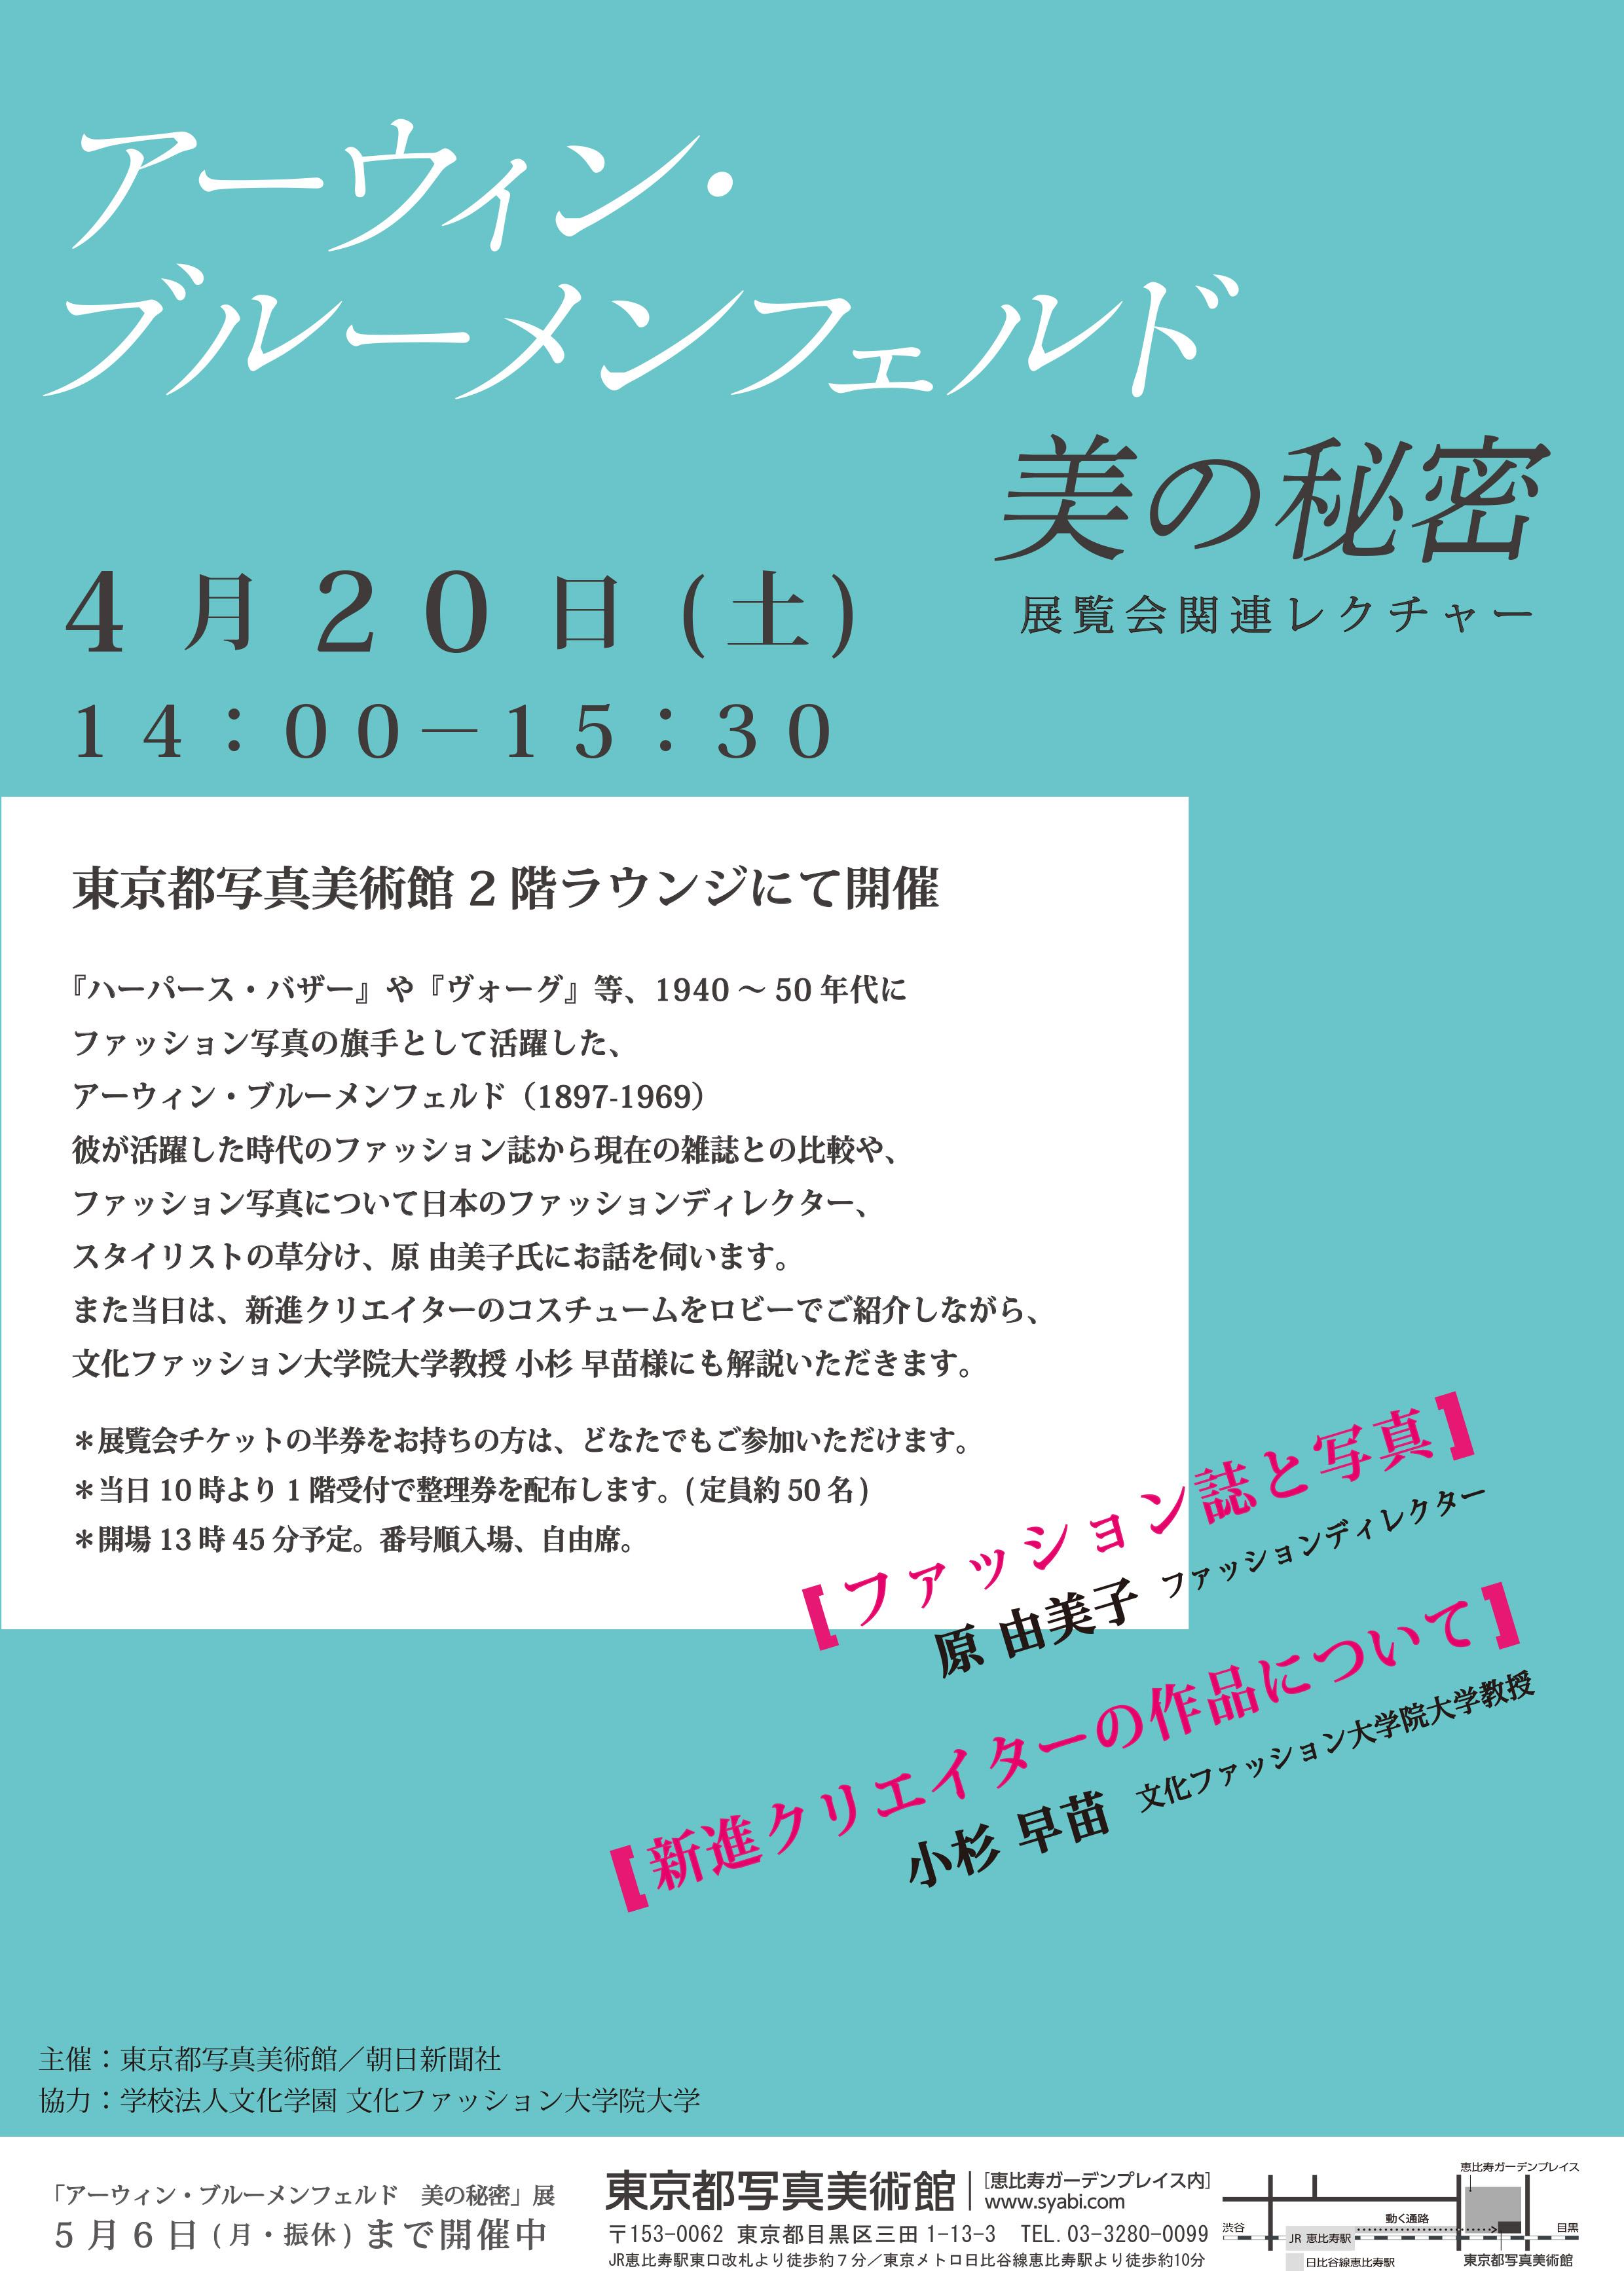 東京都写真美術館で小杉教授が「アーウィン・ブルーメンフェルド美の秘密」展の会期中にレクチャーを行います。